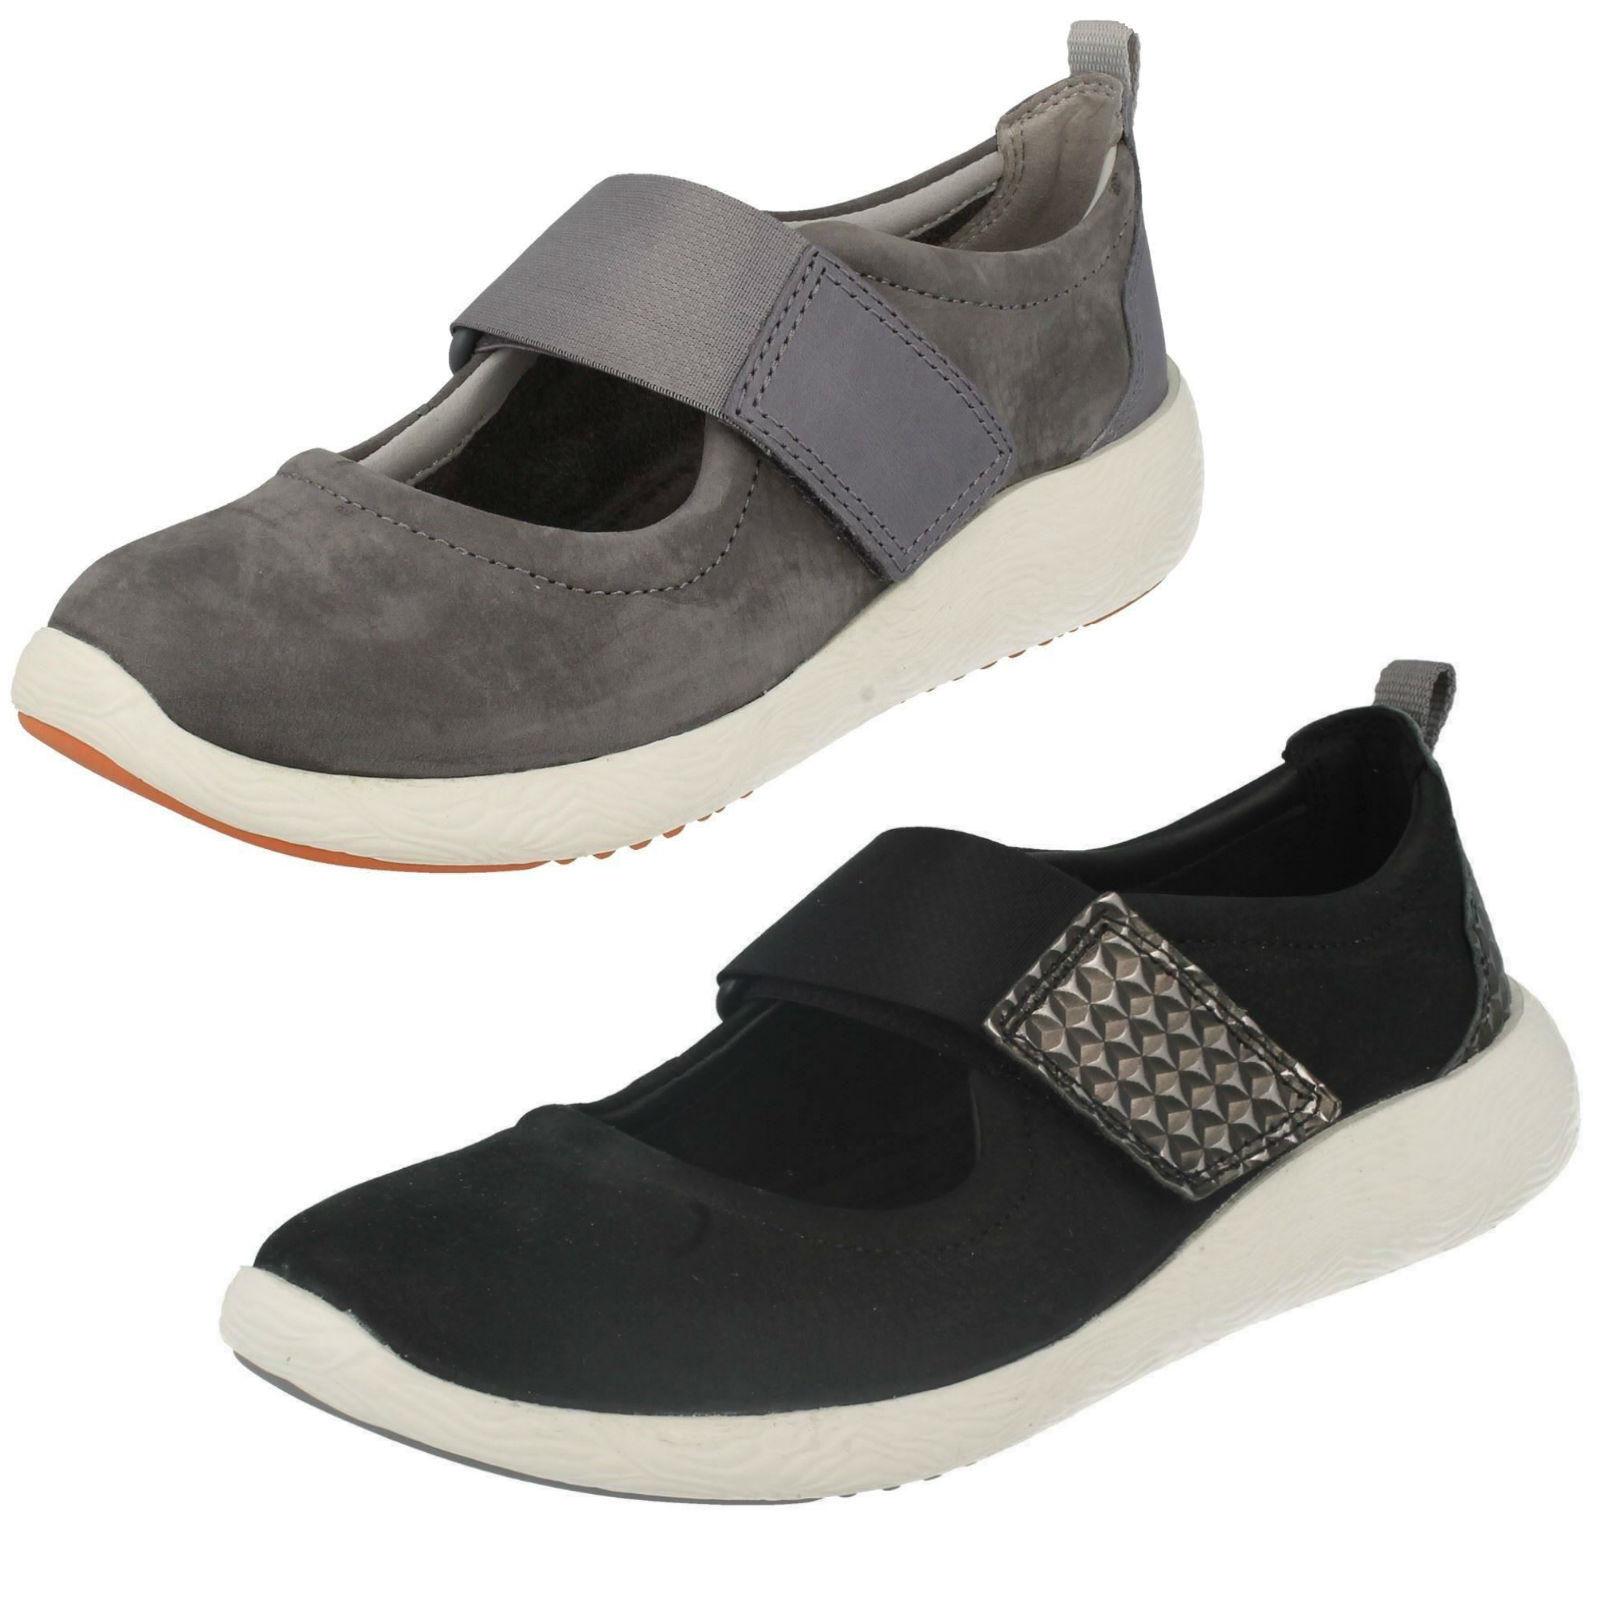 Mesdames vente clarks cowley folie noir ou de gris nubuck cuir chaussures de ou loisirs 056b88